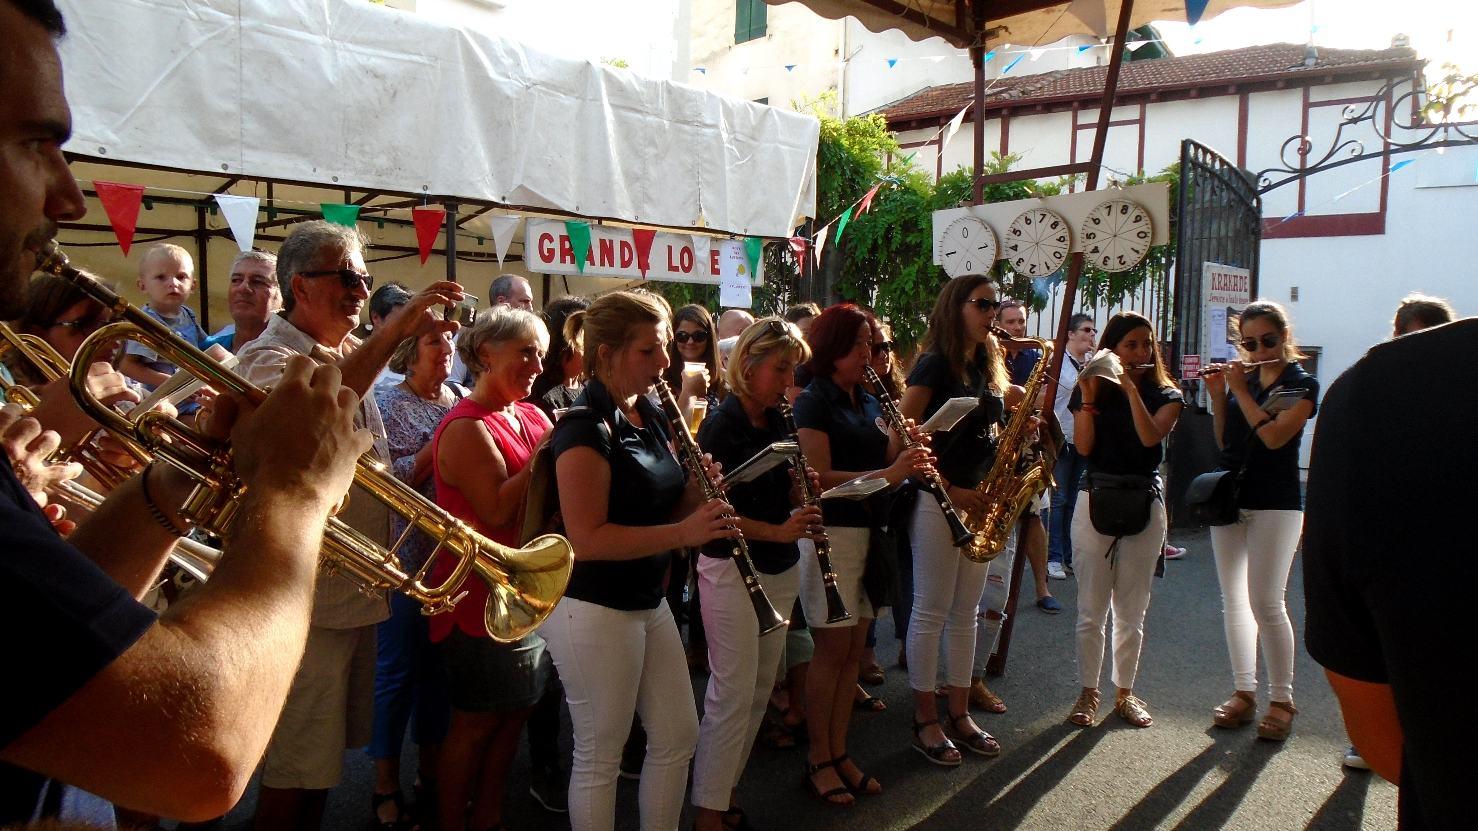 Les dames et un public enchanté avec un tout petit pas même impressionné par la puissance de la banda